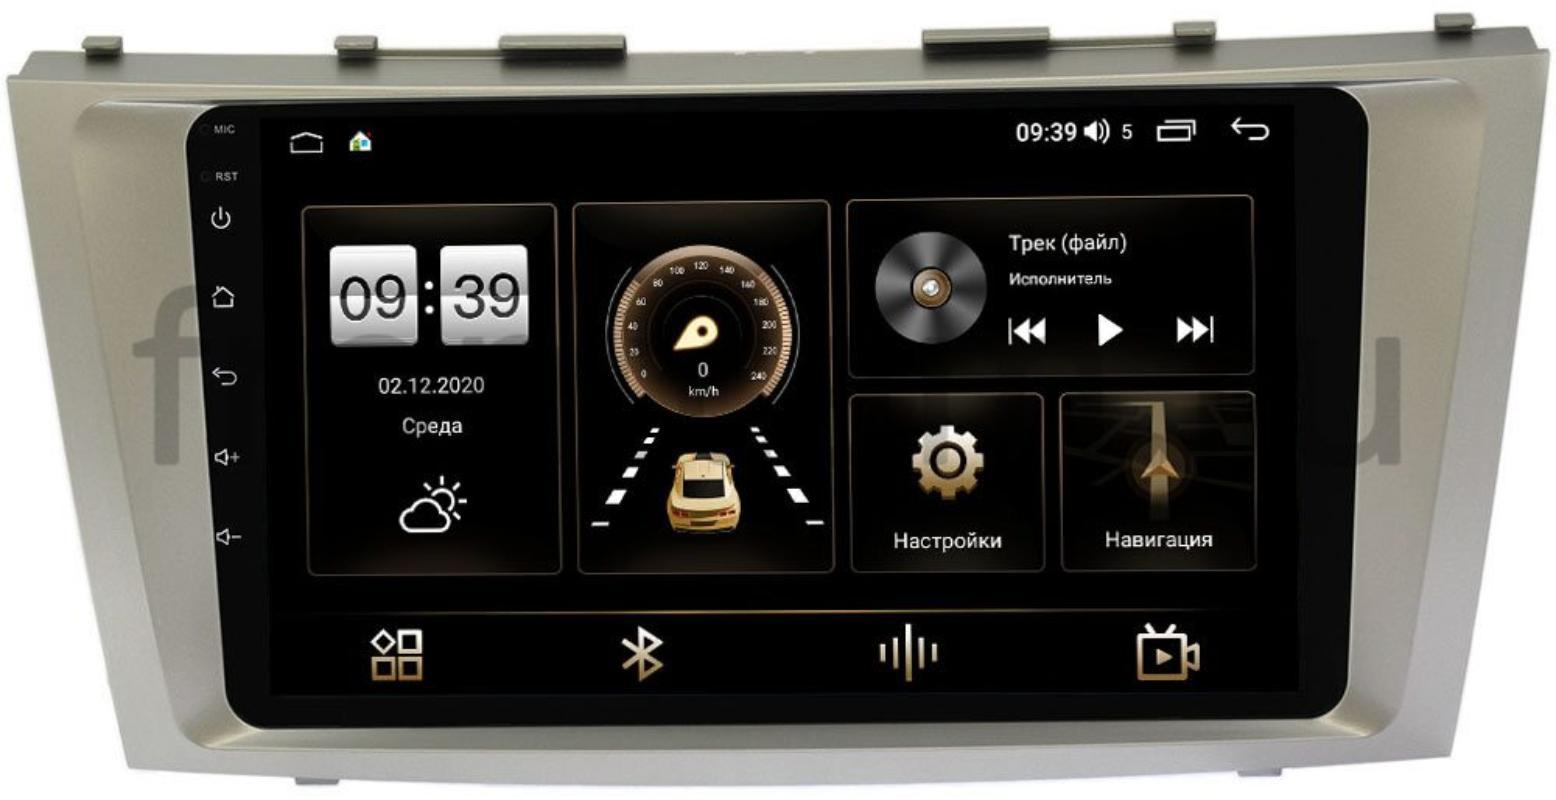 Штатная магнитола Toyota Camry V40 2006-2011 LeTrun 4196-9037 на Android 10 (6/128, DSP, QLed) С оптическим выходом (+ Камера заднего вида в подарок!)